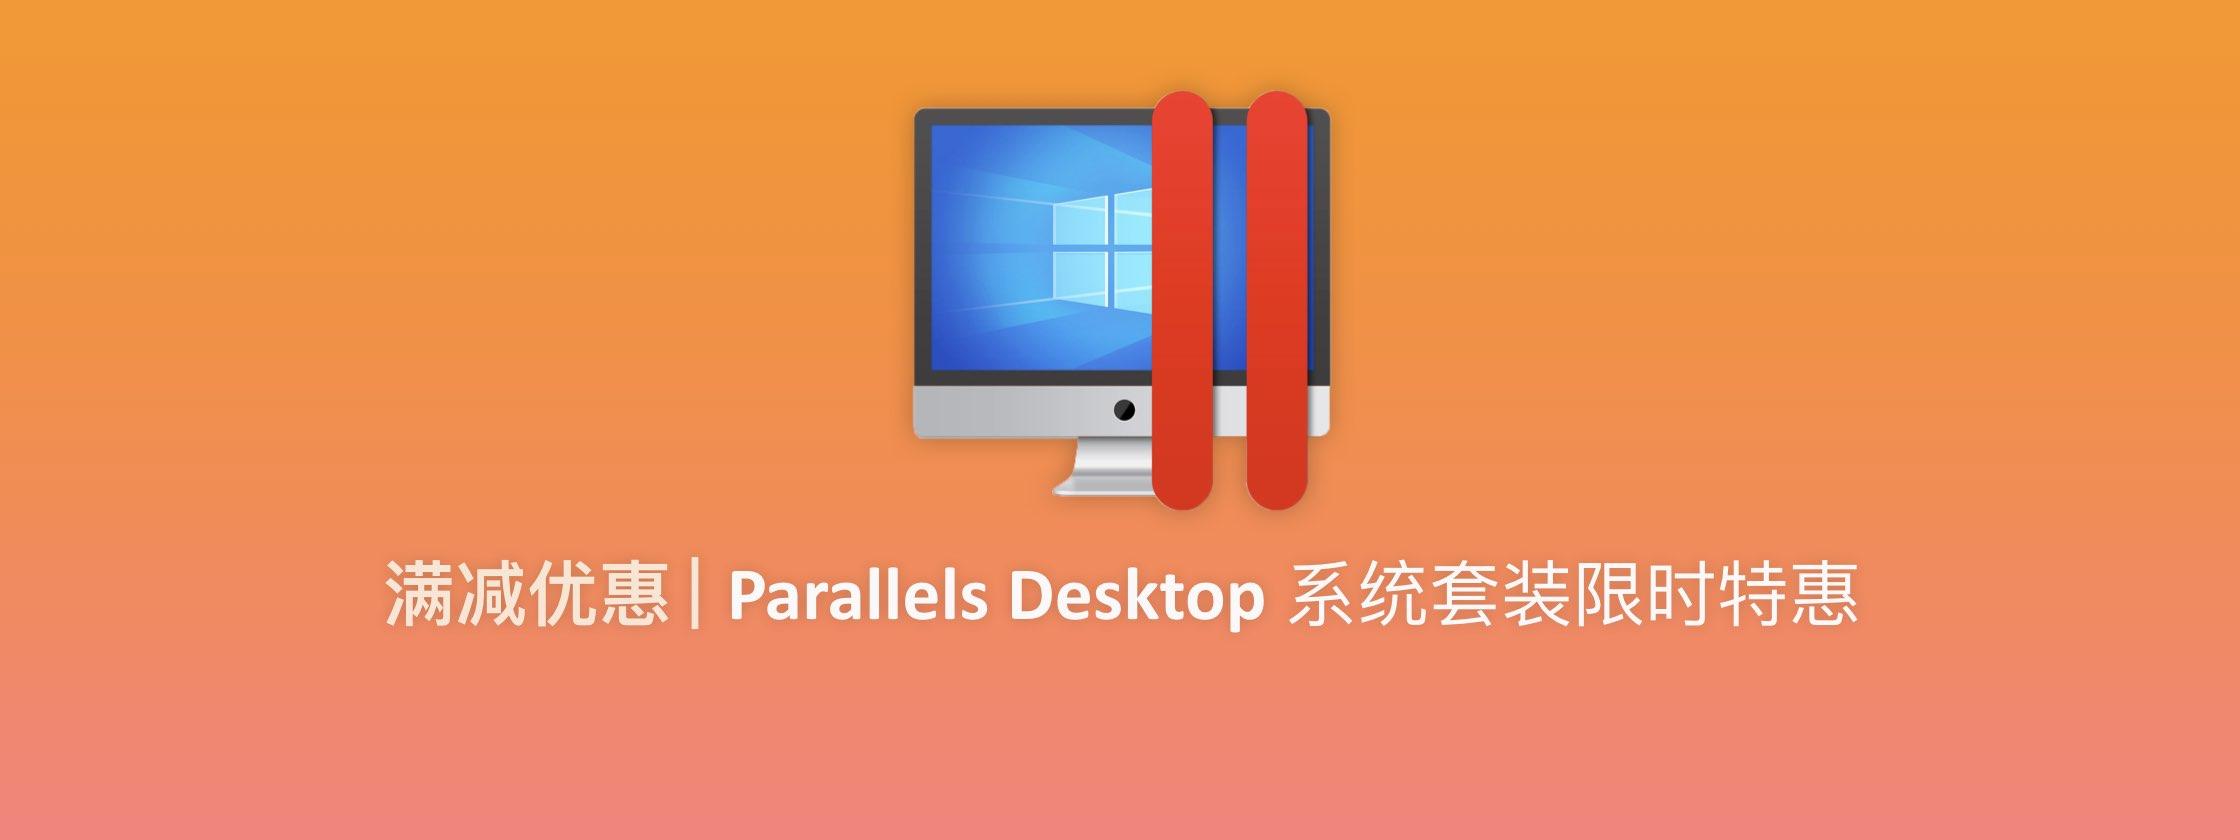 满减优惠 | Parallels Desktop 系统套装限时特惠